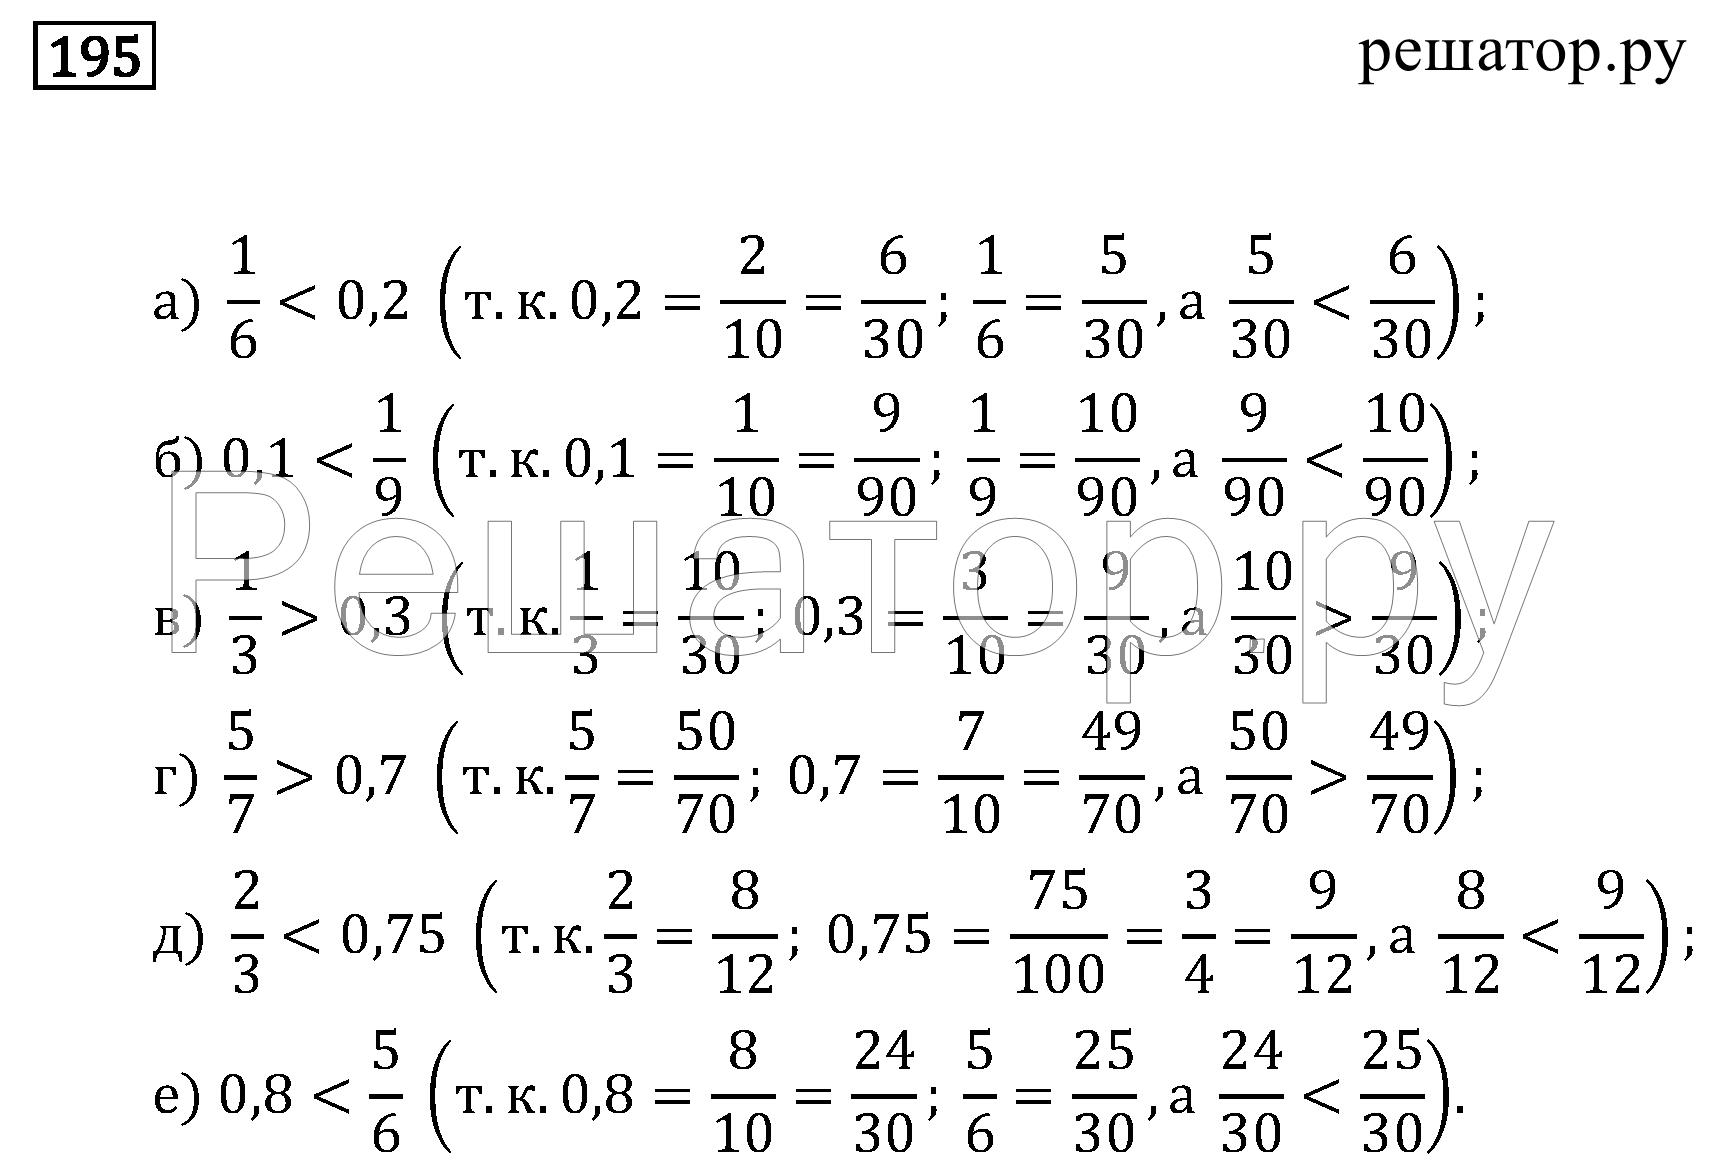 гдз по математике 6 класс бунимович кузнецова задачник ответы